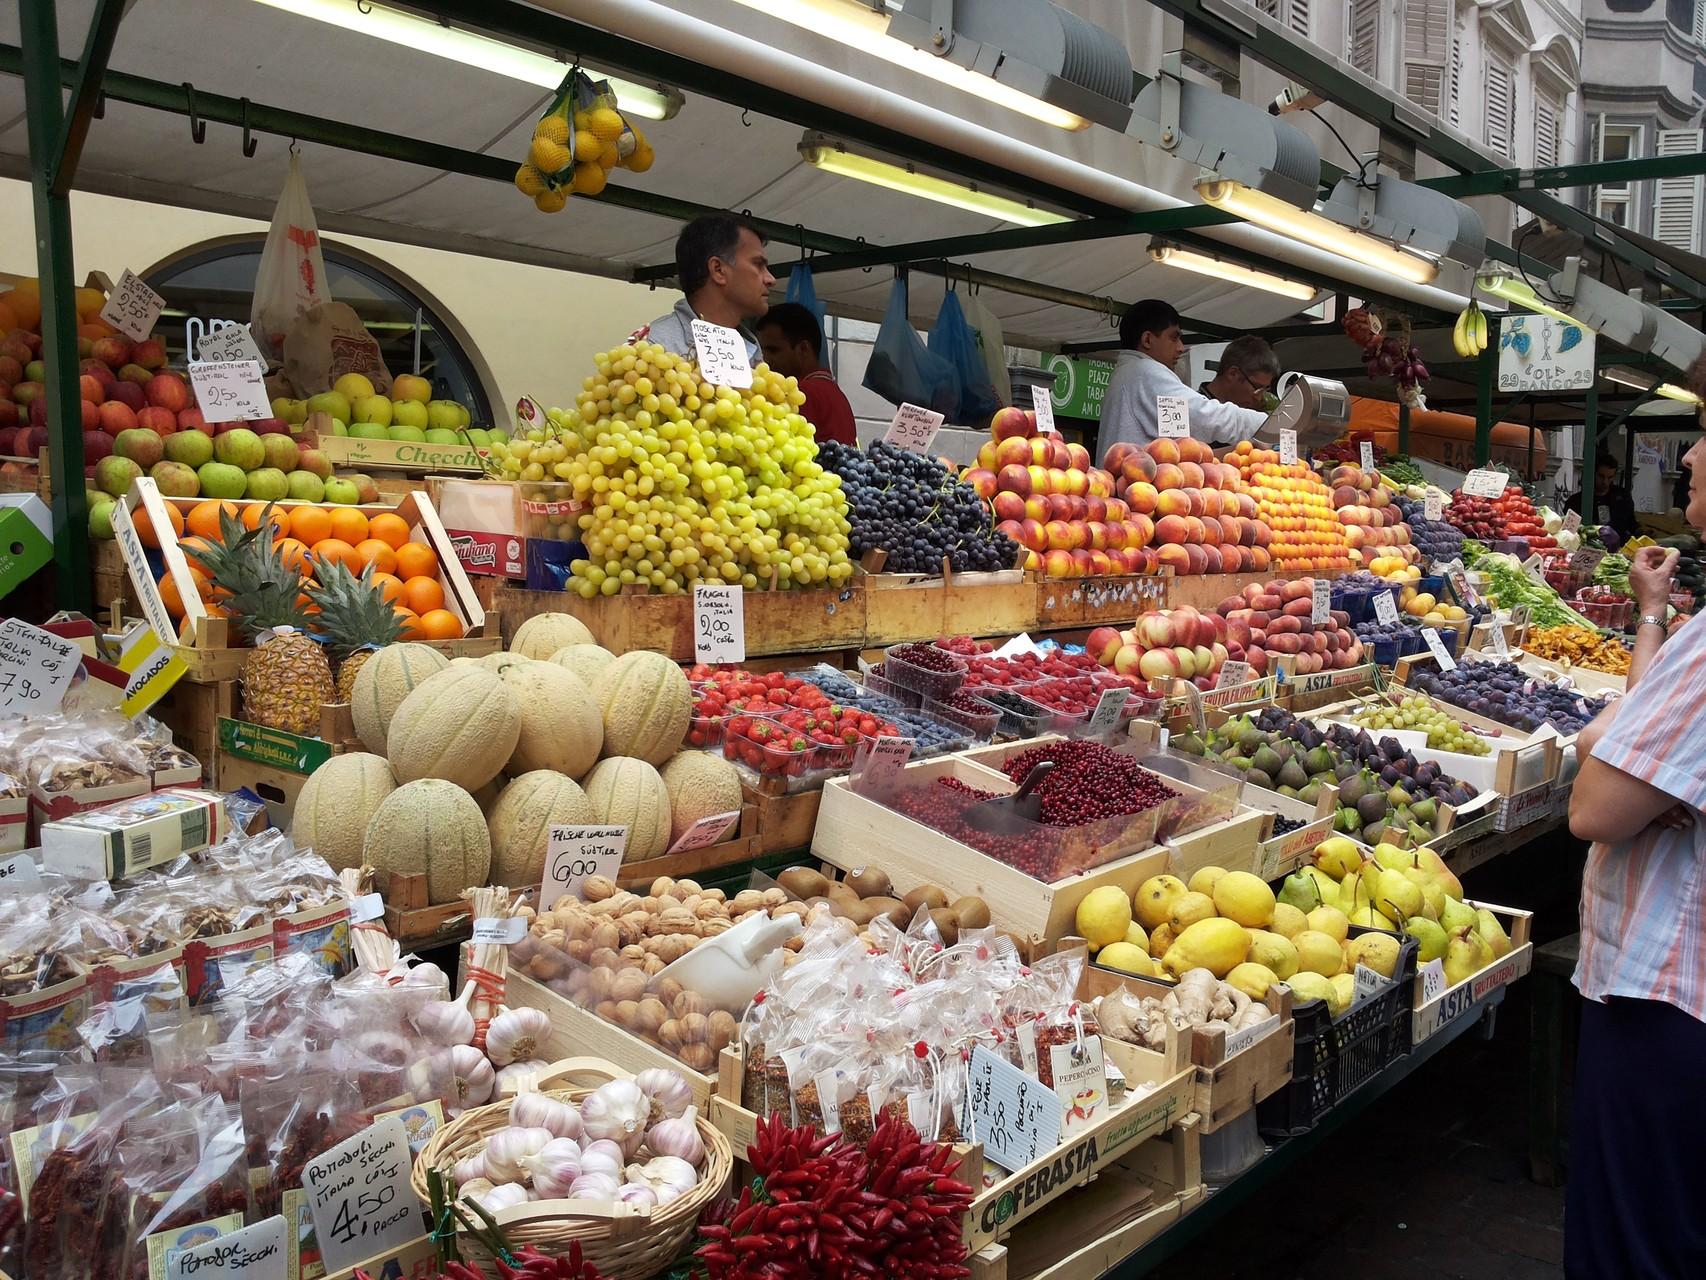 auf dem Markt in Bozen